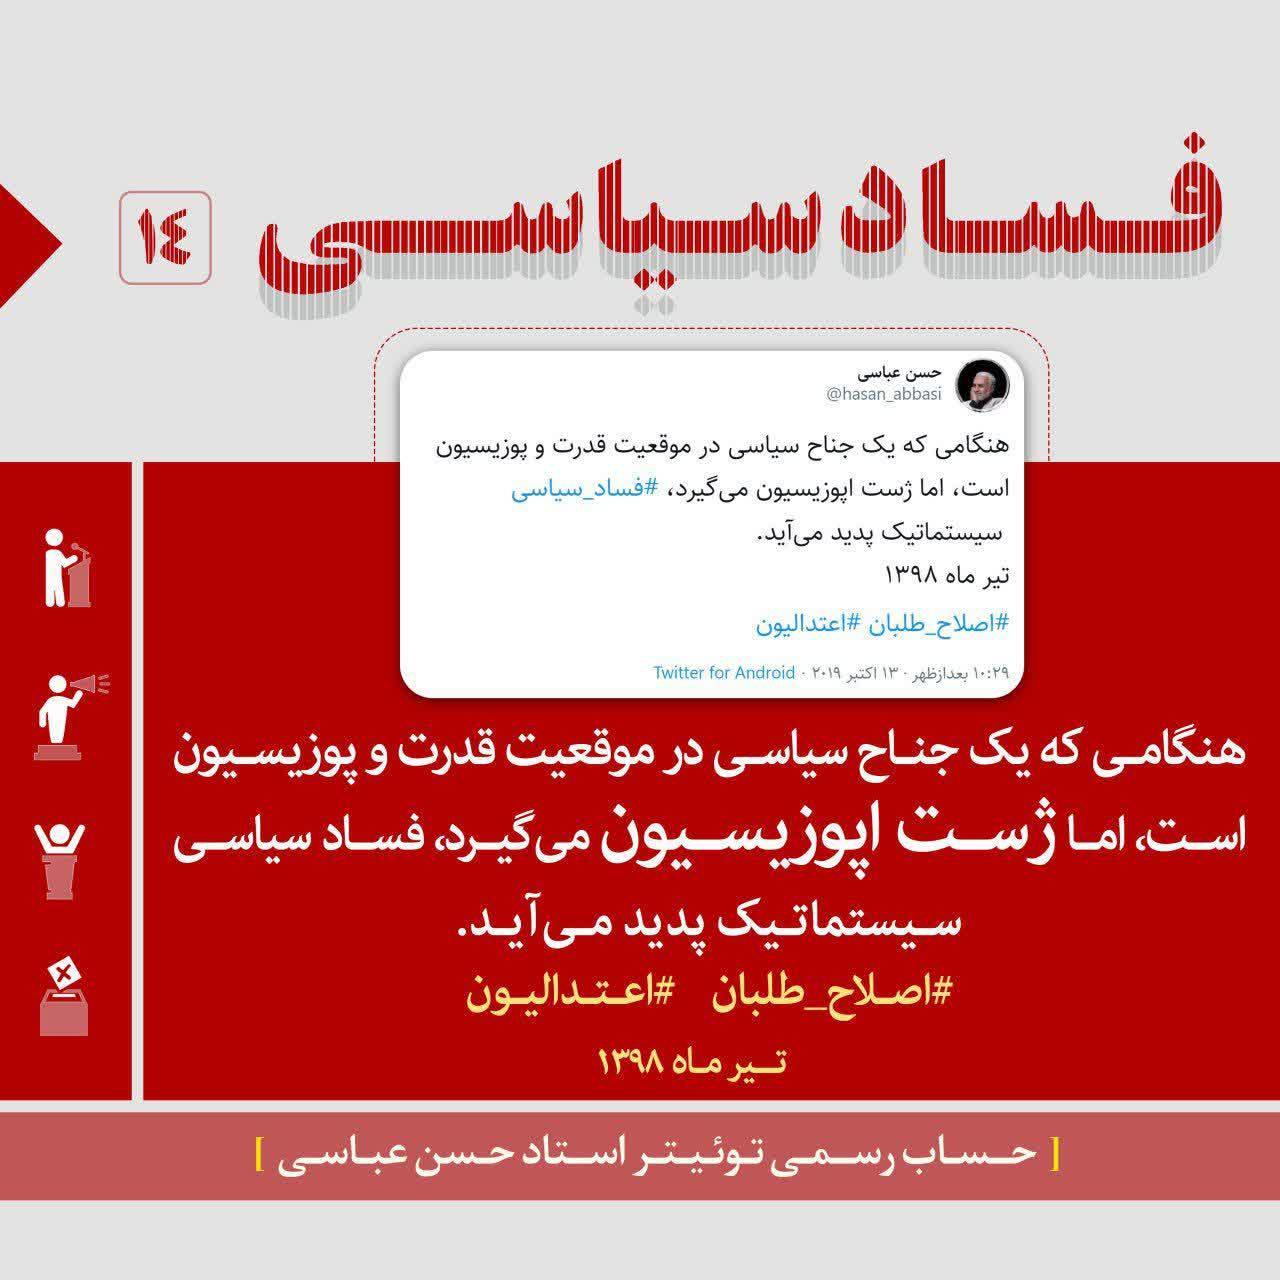 http://dl-abbasi.ir/yekta/1398/Graphic/F_S/Fesad%20Siyasi%20(14).jpg